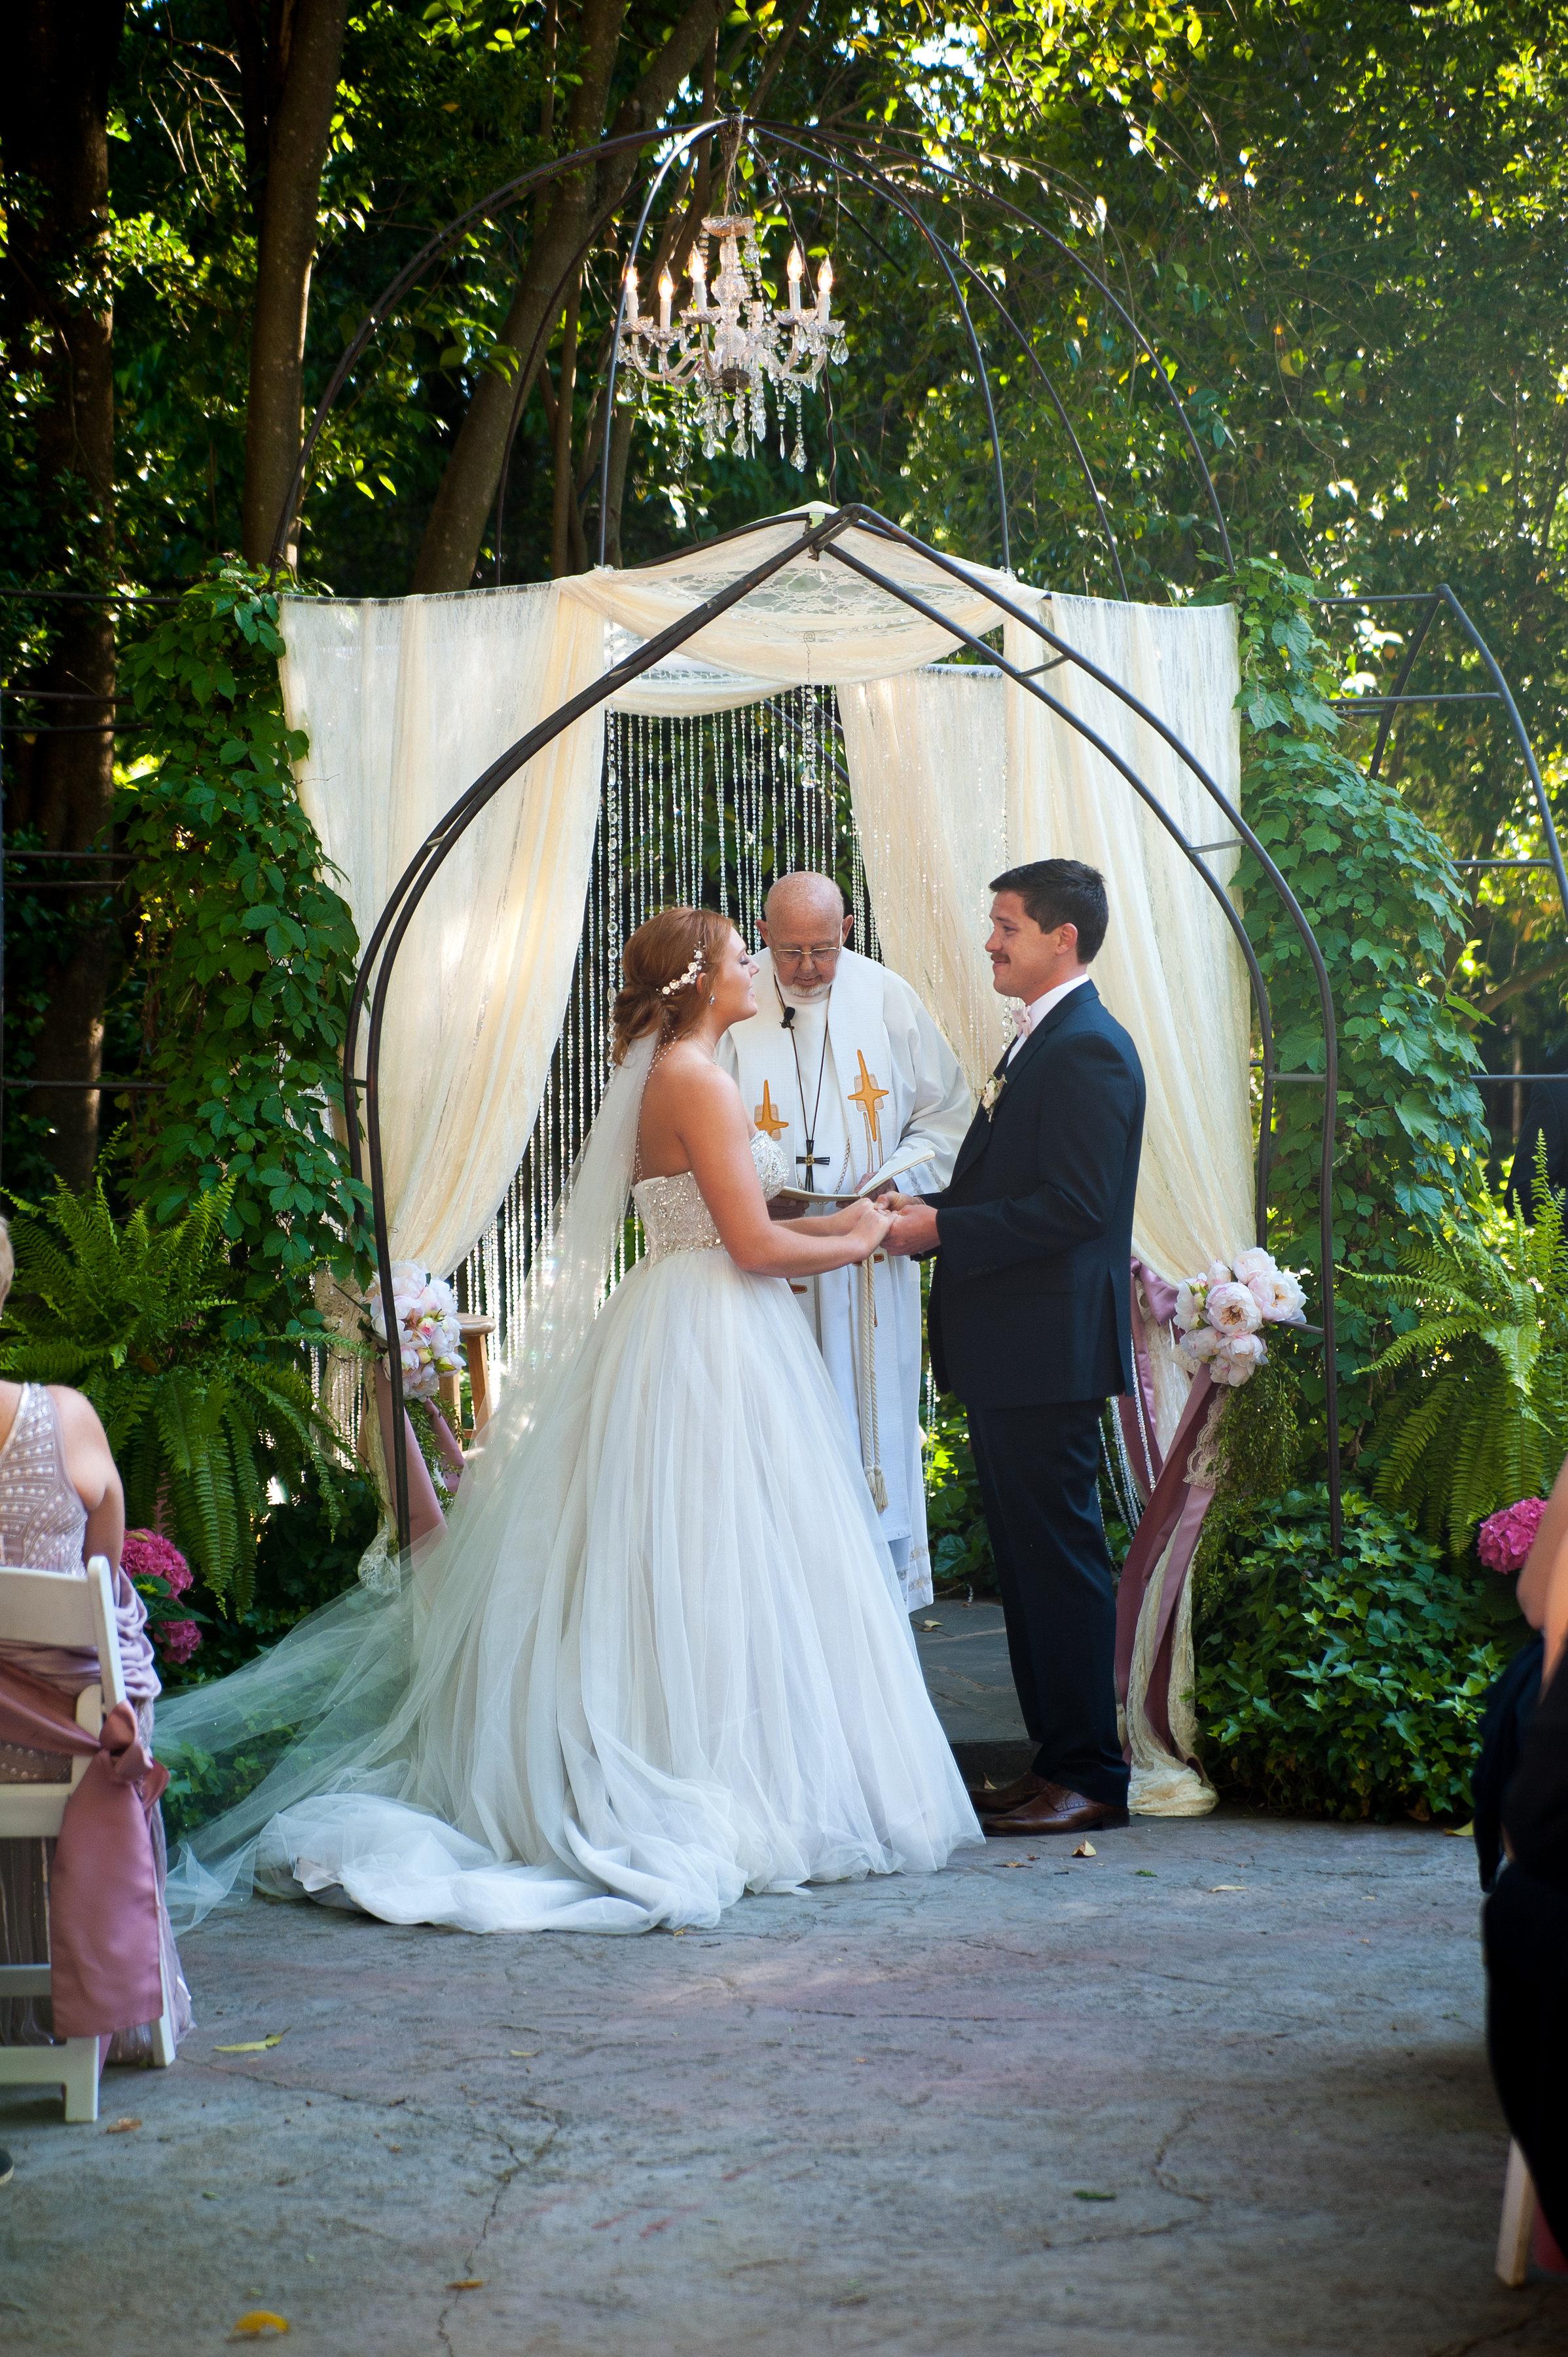 colemanwedding-ceremony-151